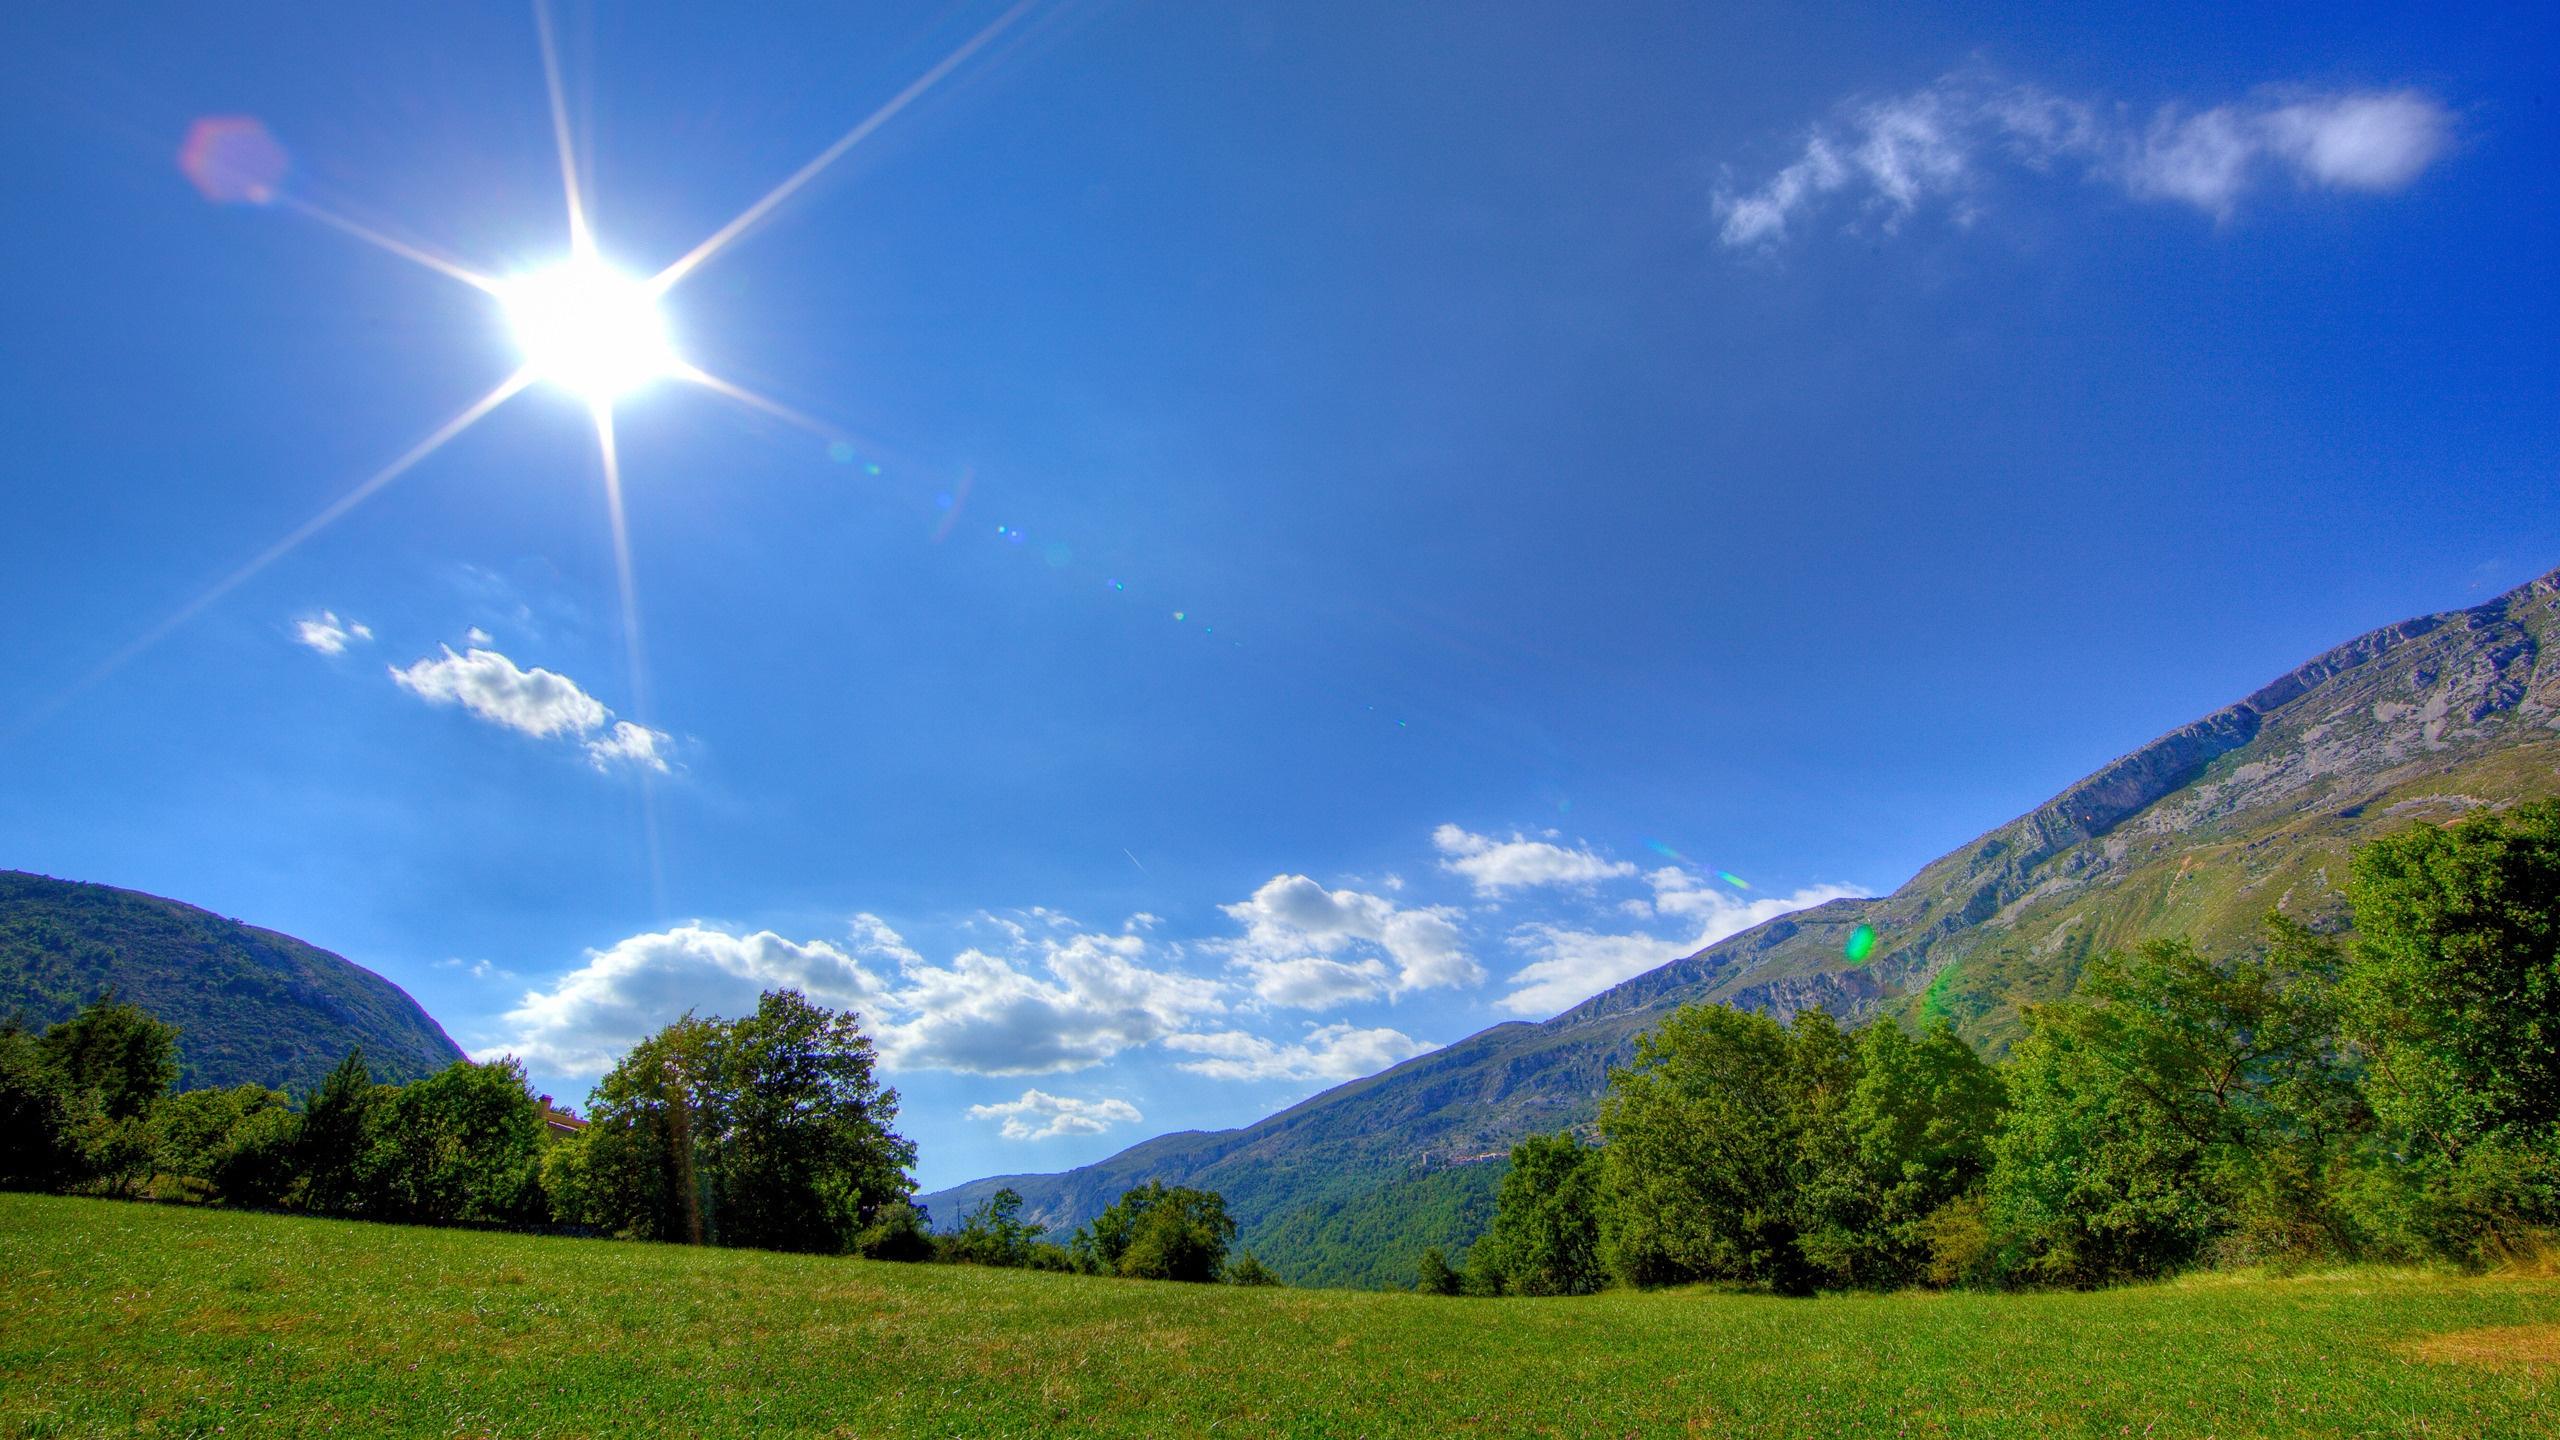 Солнечный день красивые картинки